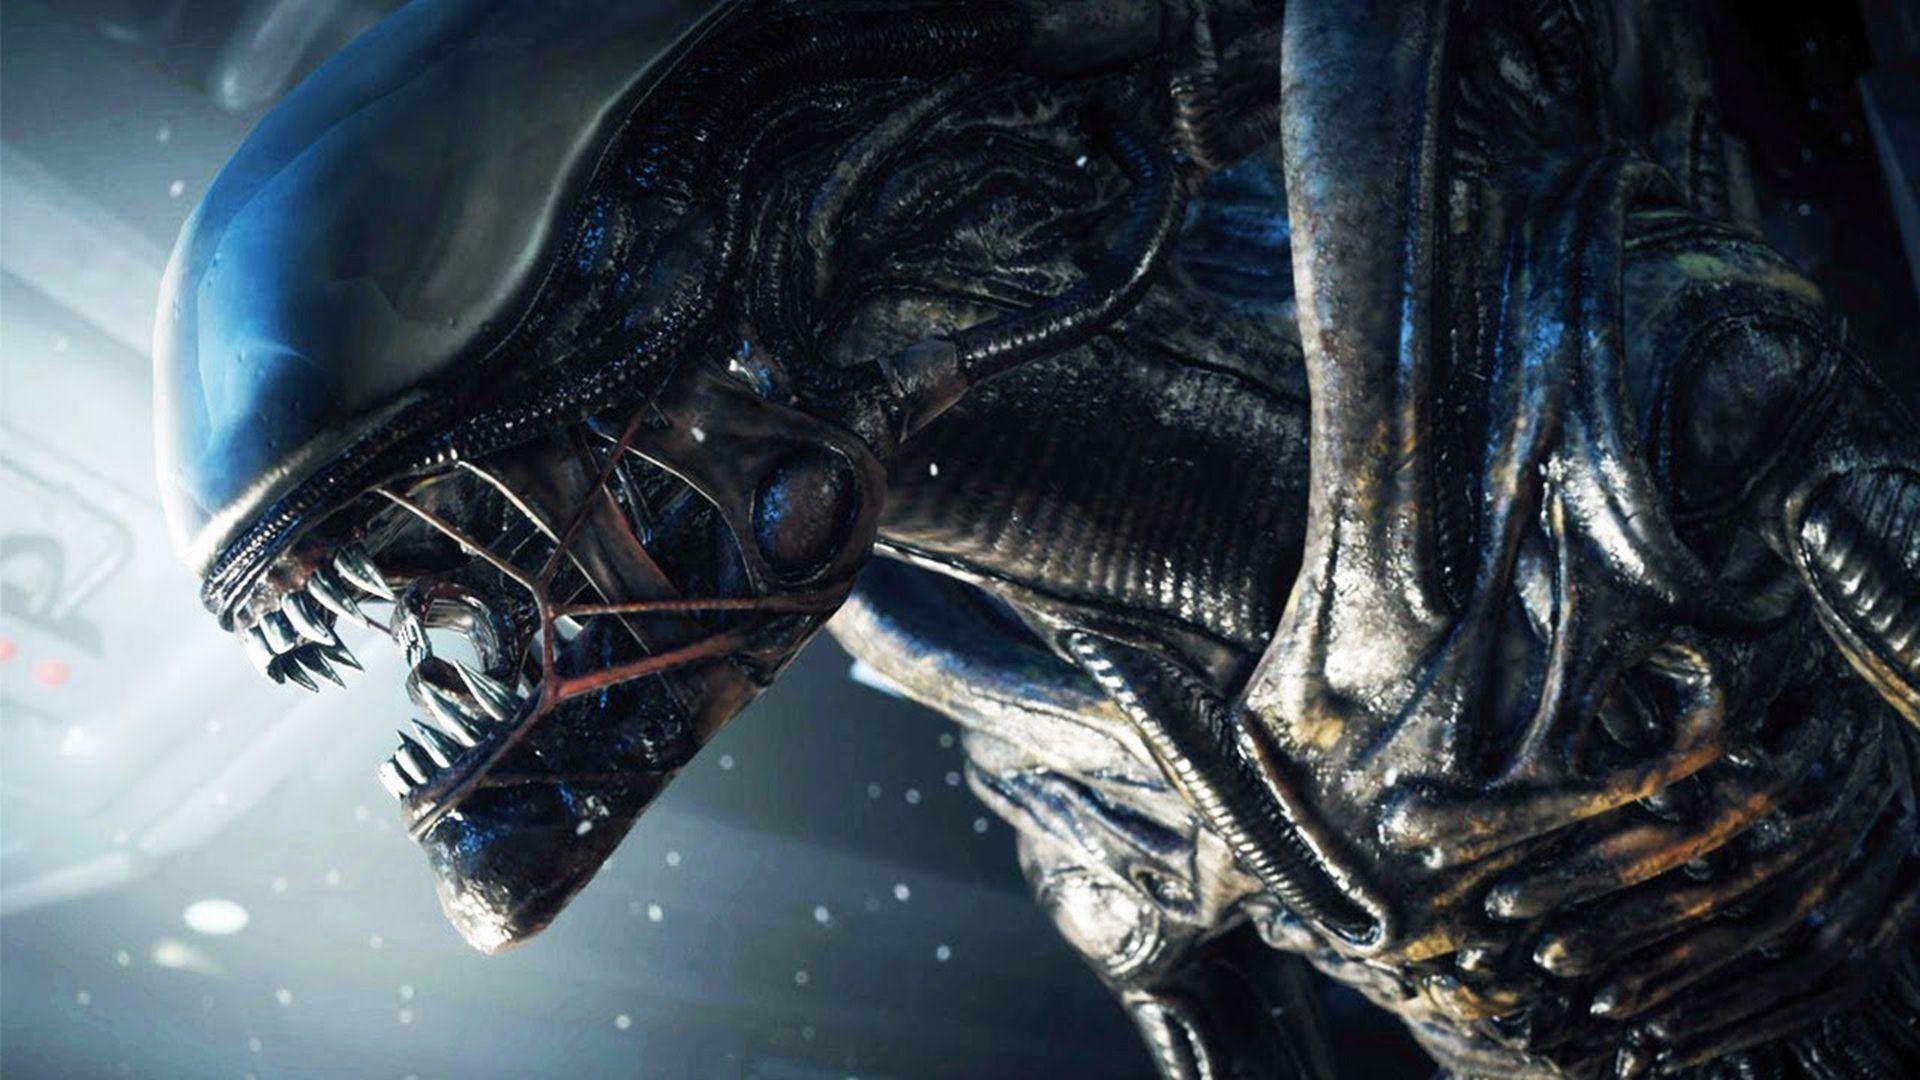 alien2015